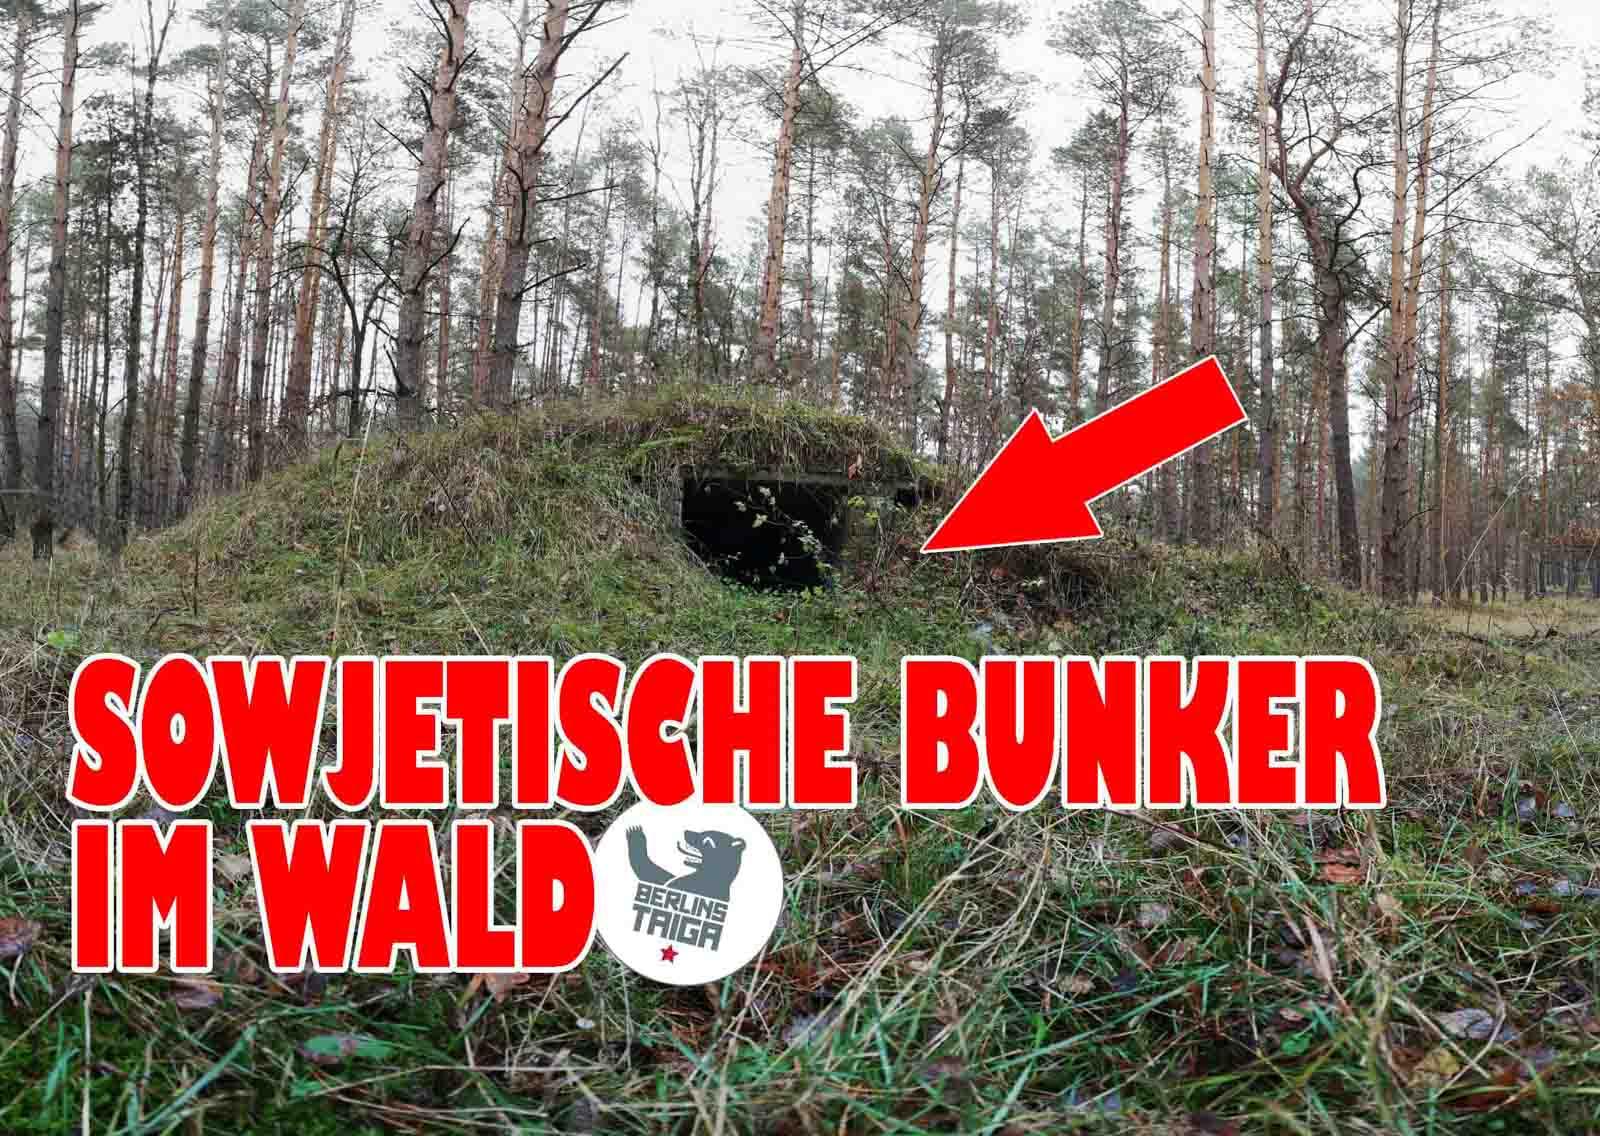 Sowjetische Bunker im Wald (VIDEO) -- Lost Places Brandenburg